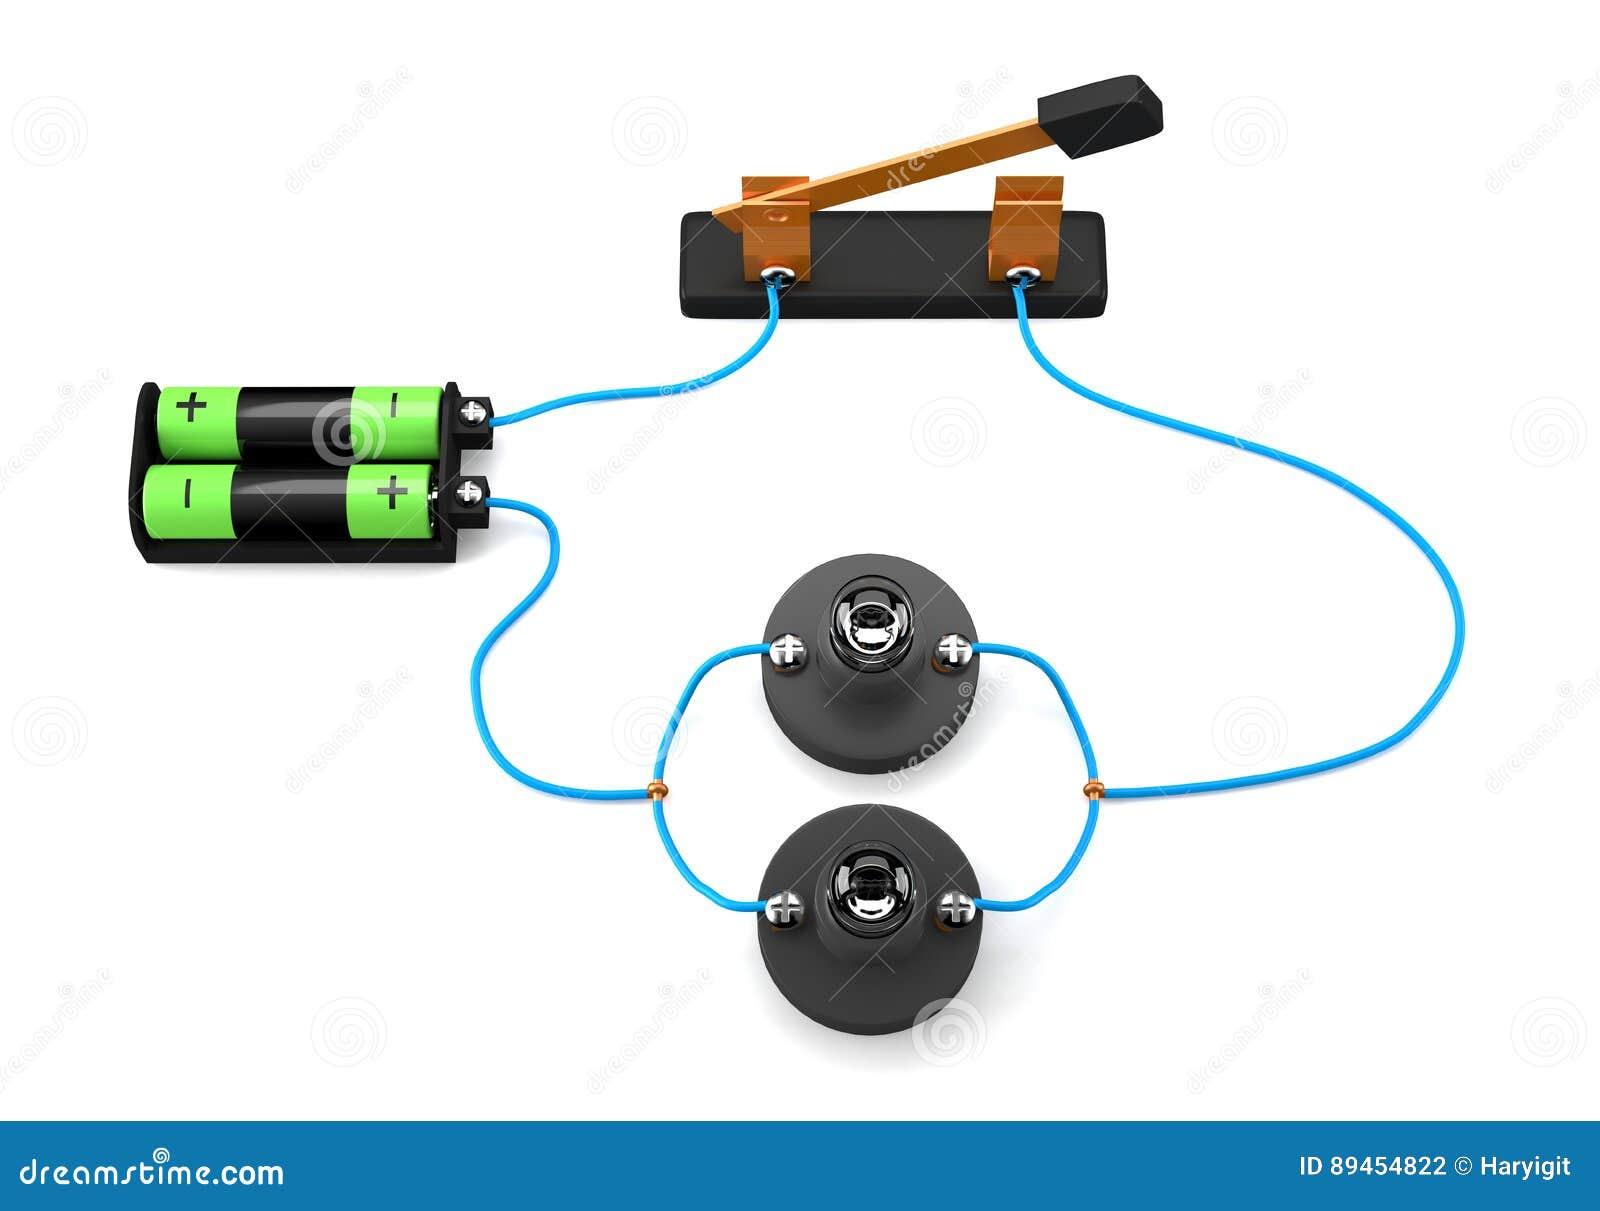 Circuito eléctrico simple paralelo en el fondo blanco